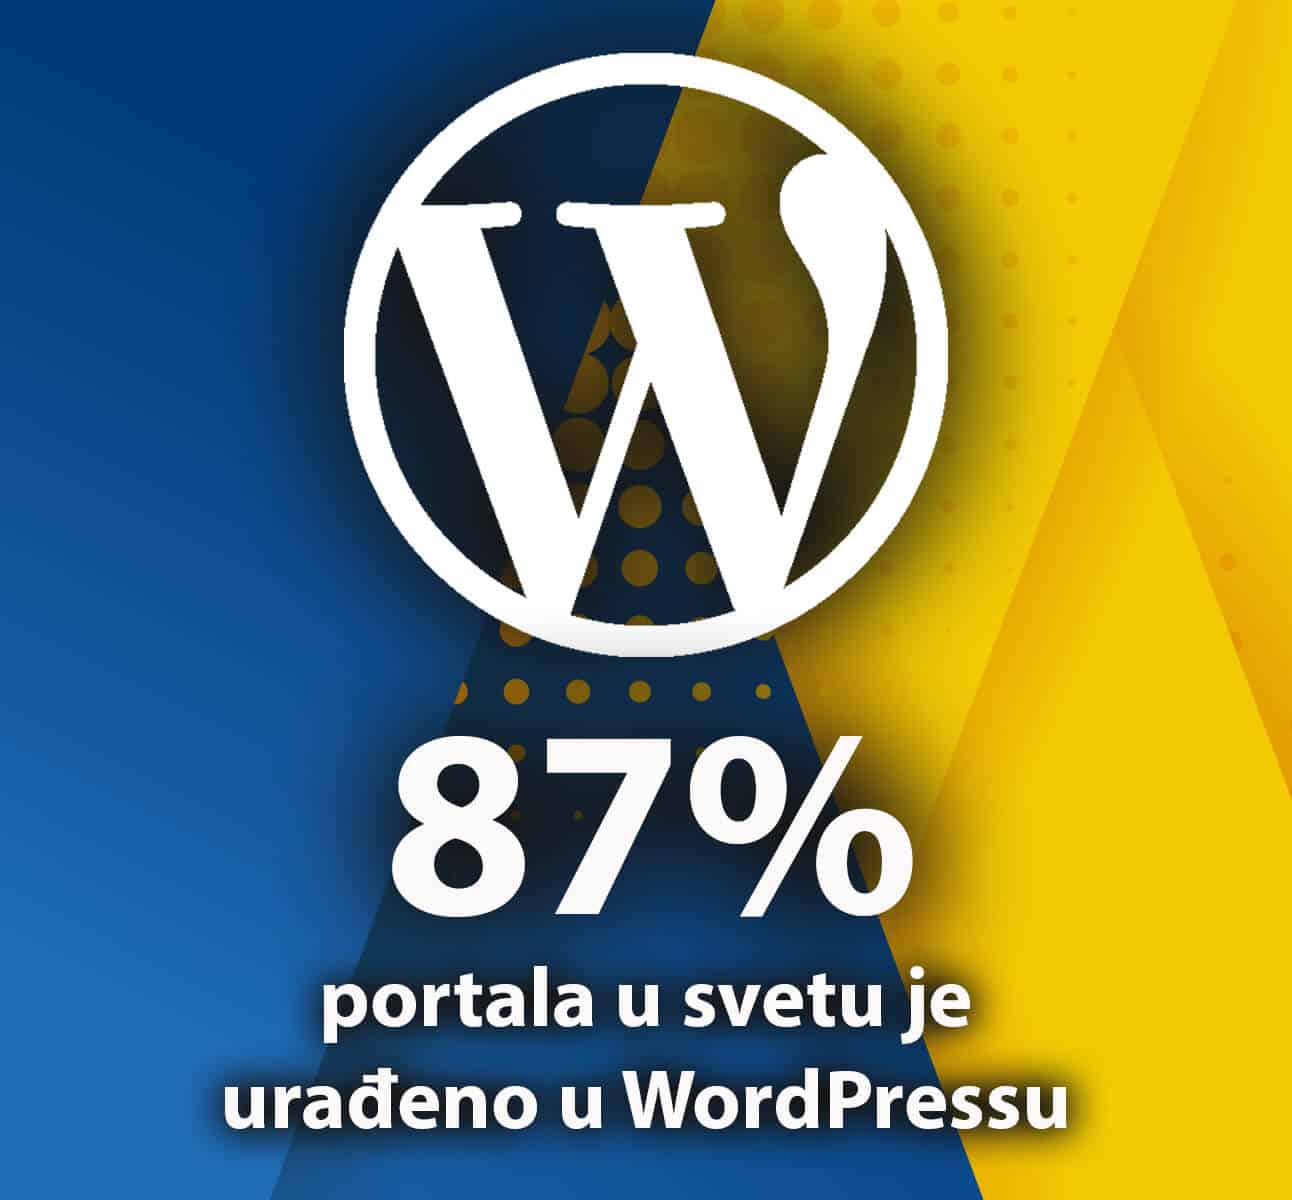 izrada sajta u wordpressu portal vesti